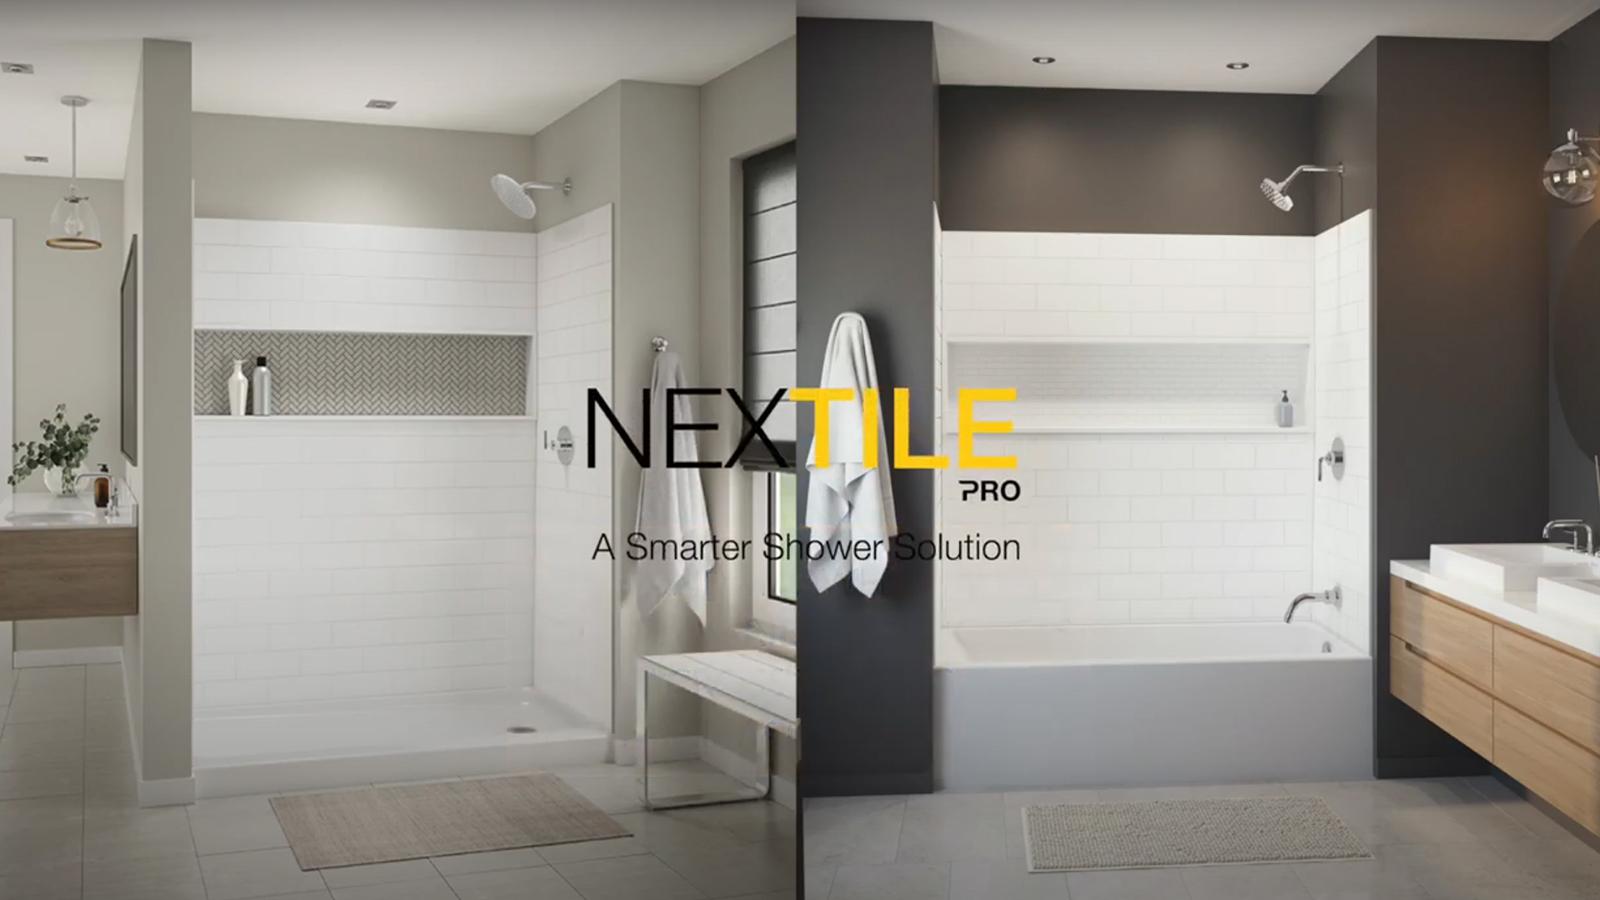 NexTile Pro